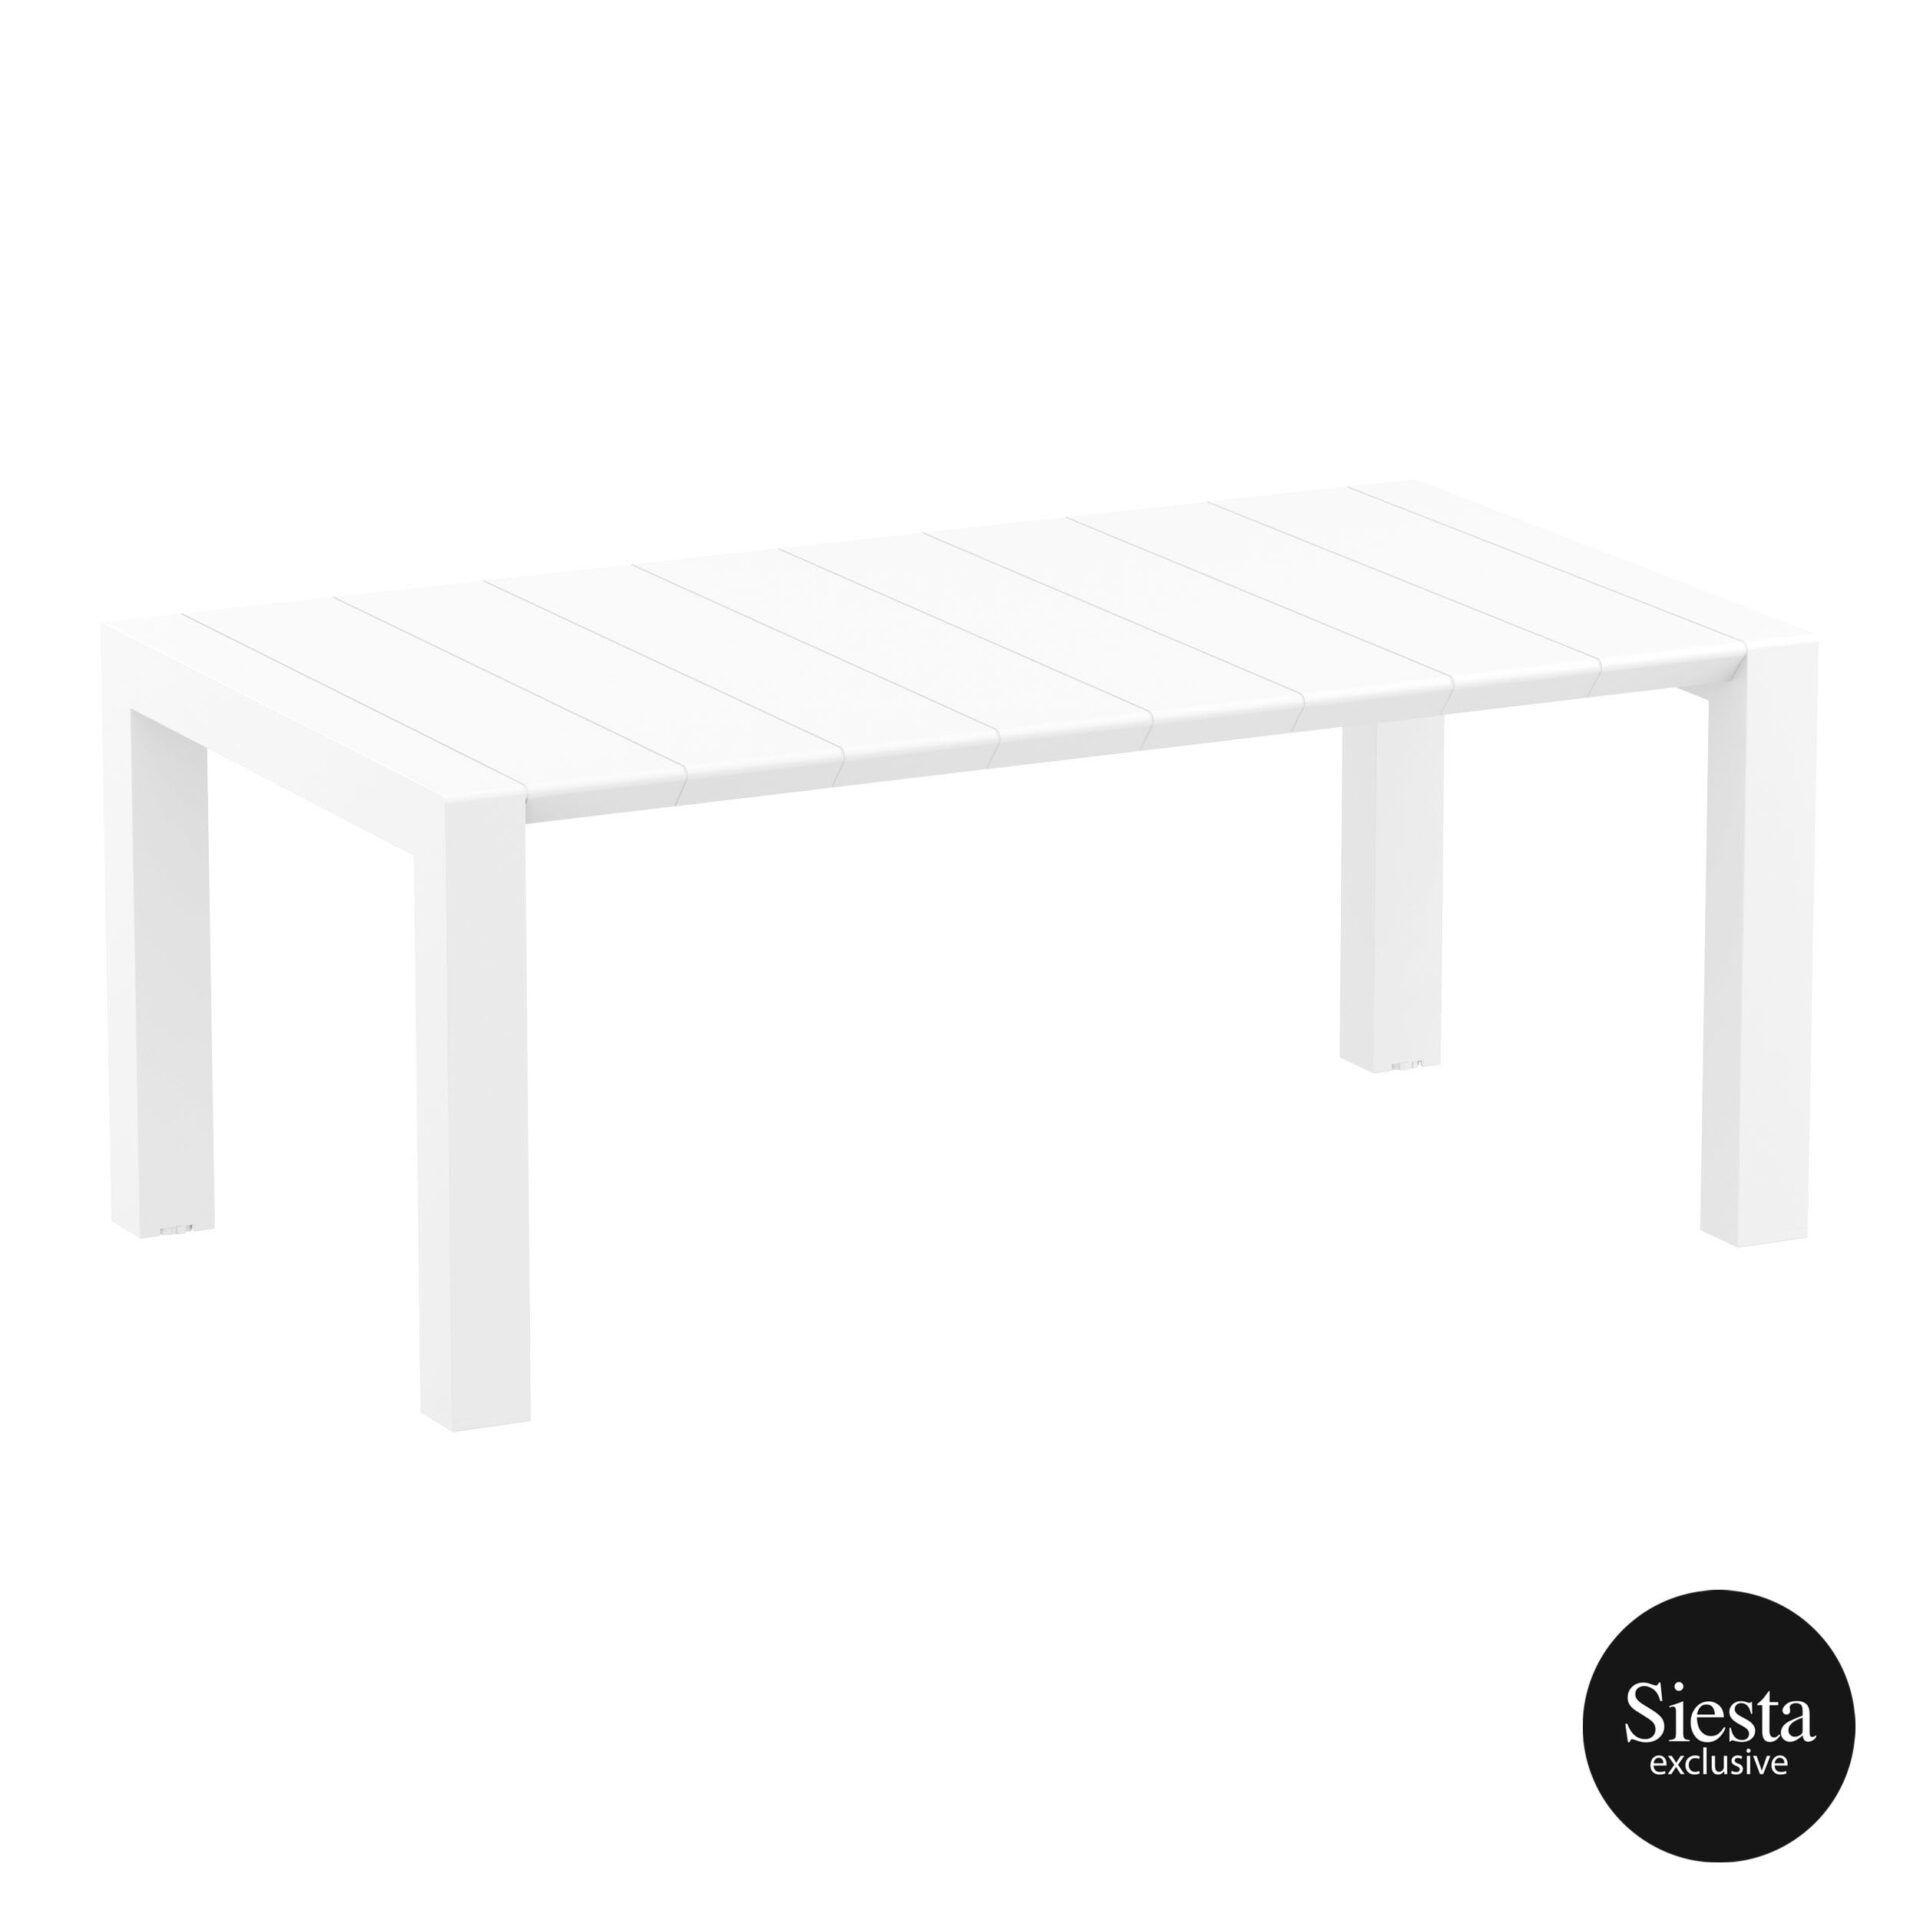 010 vegas table medium 180 white front side